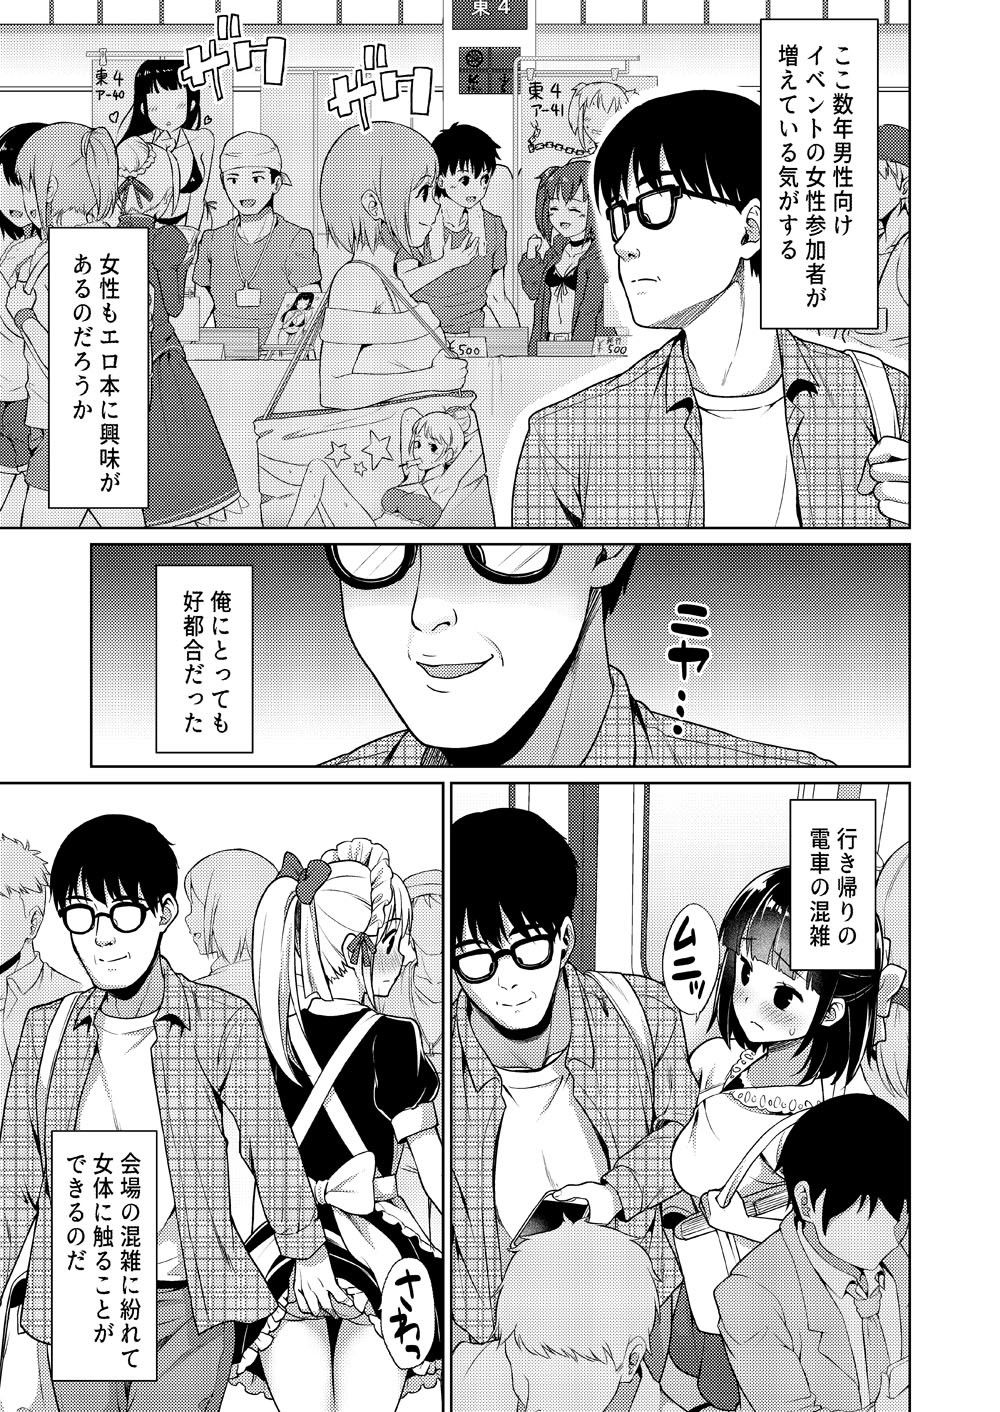 【エロ漫画無料大全集】同人即売会の列で痴漢男に狙われた女の子の運命が…